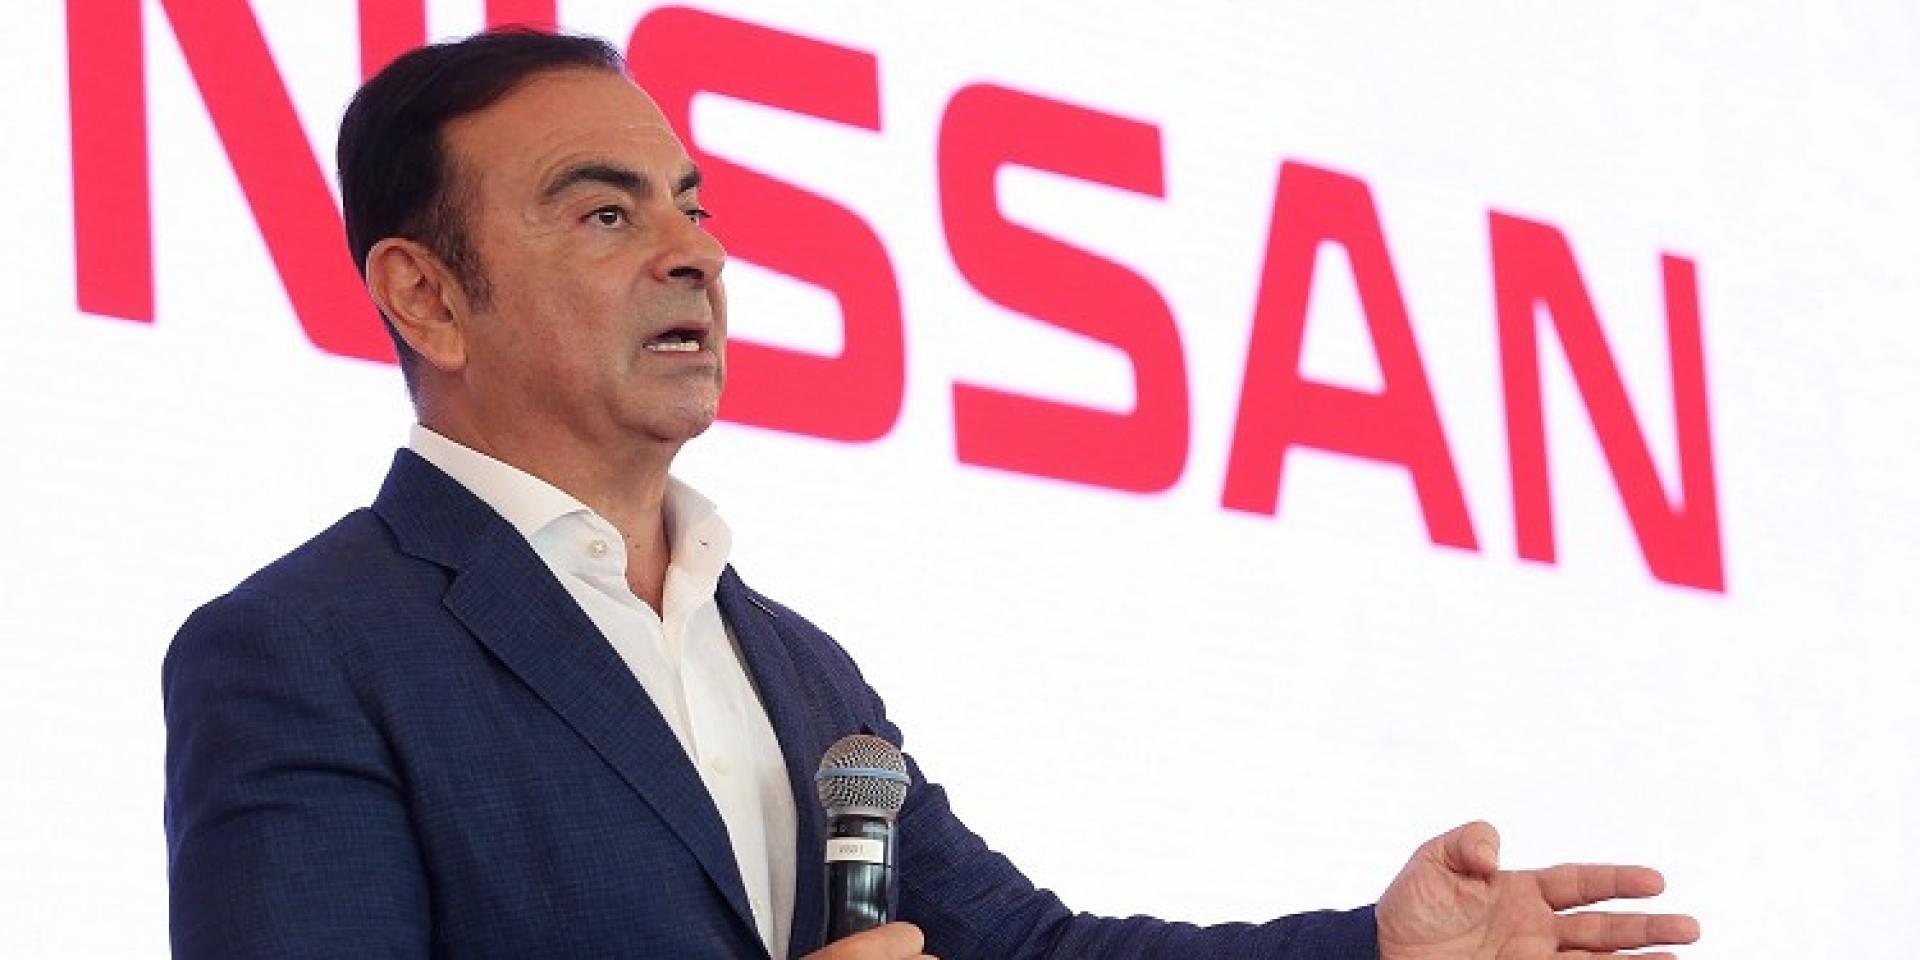 根本電影情節,協助前日產集團執行長Carlos Ghosn逃脫者被判刑